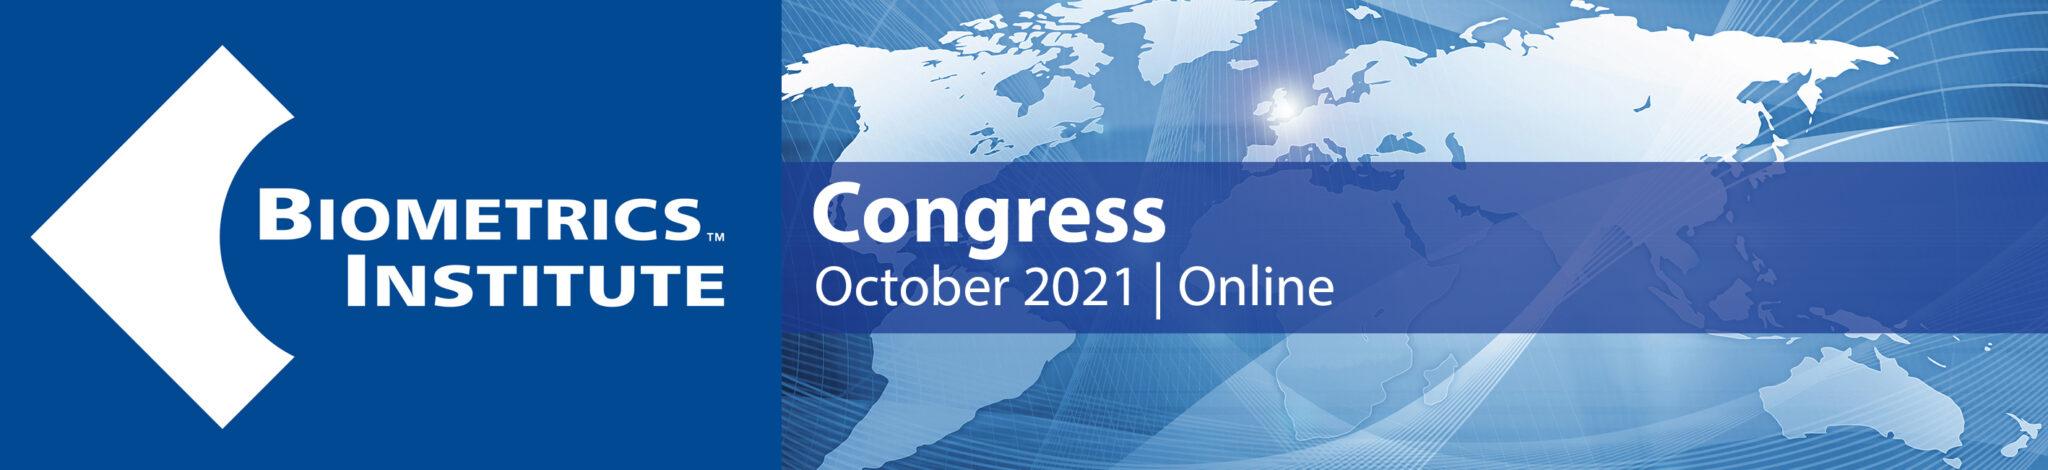 Biometrics Institute Congress @ Онлайн